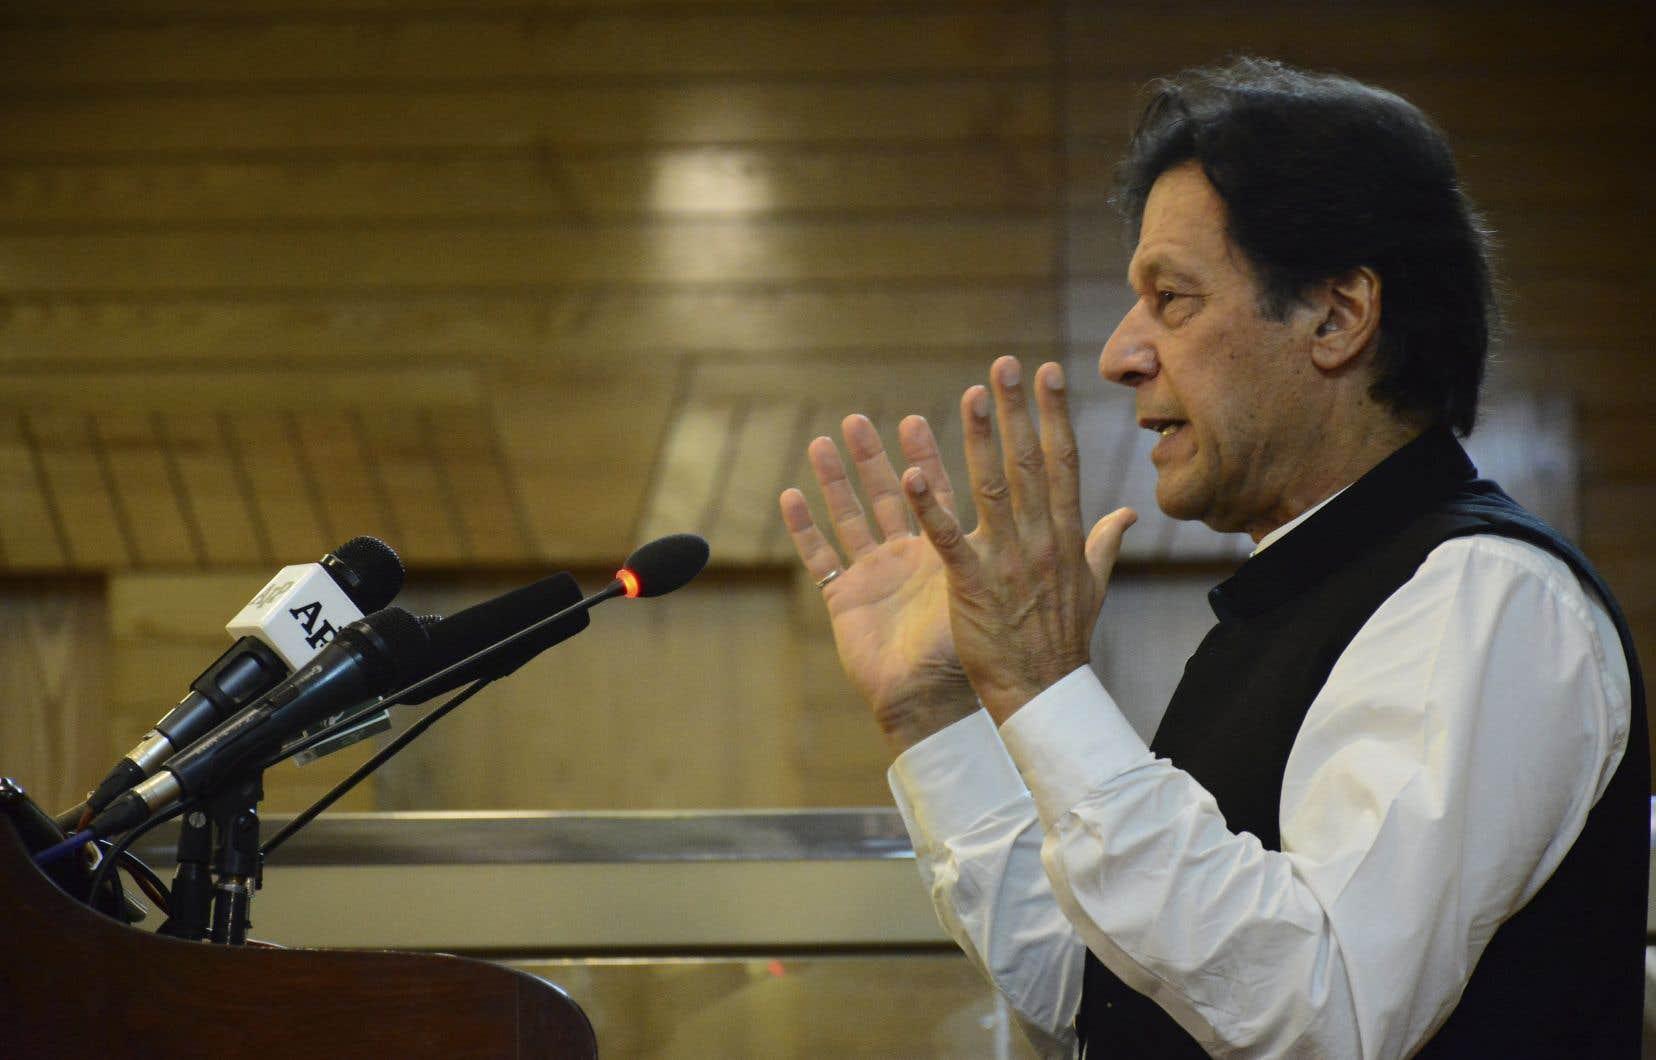 «L'armée pakistanaise dispose d'informations solides selon lesquelles [l'Inde] a l'intention de faire quelque chose au Cachemire pakistanais», a déclaré le premier ministre Imran Khan.